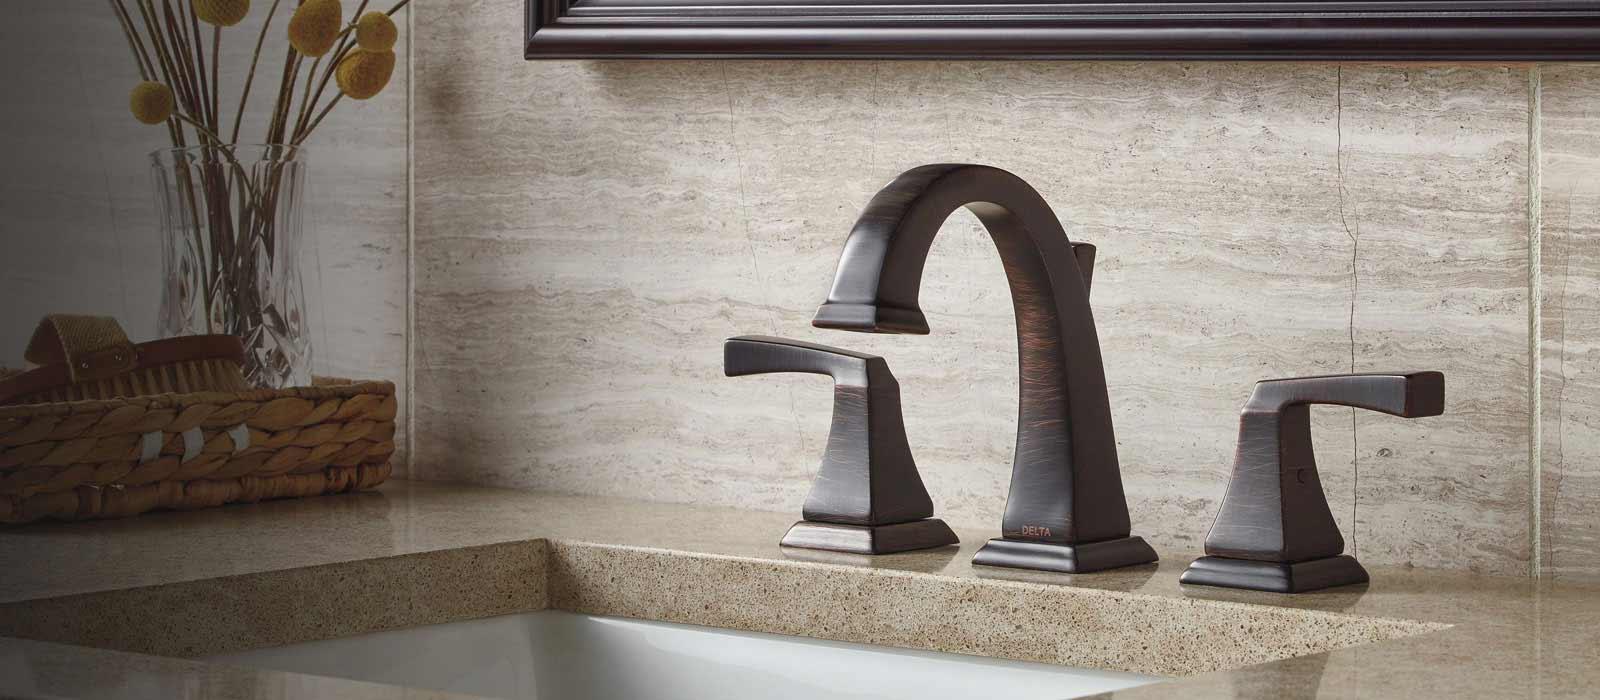 dryden bathroom collection delta faucet